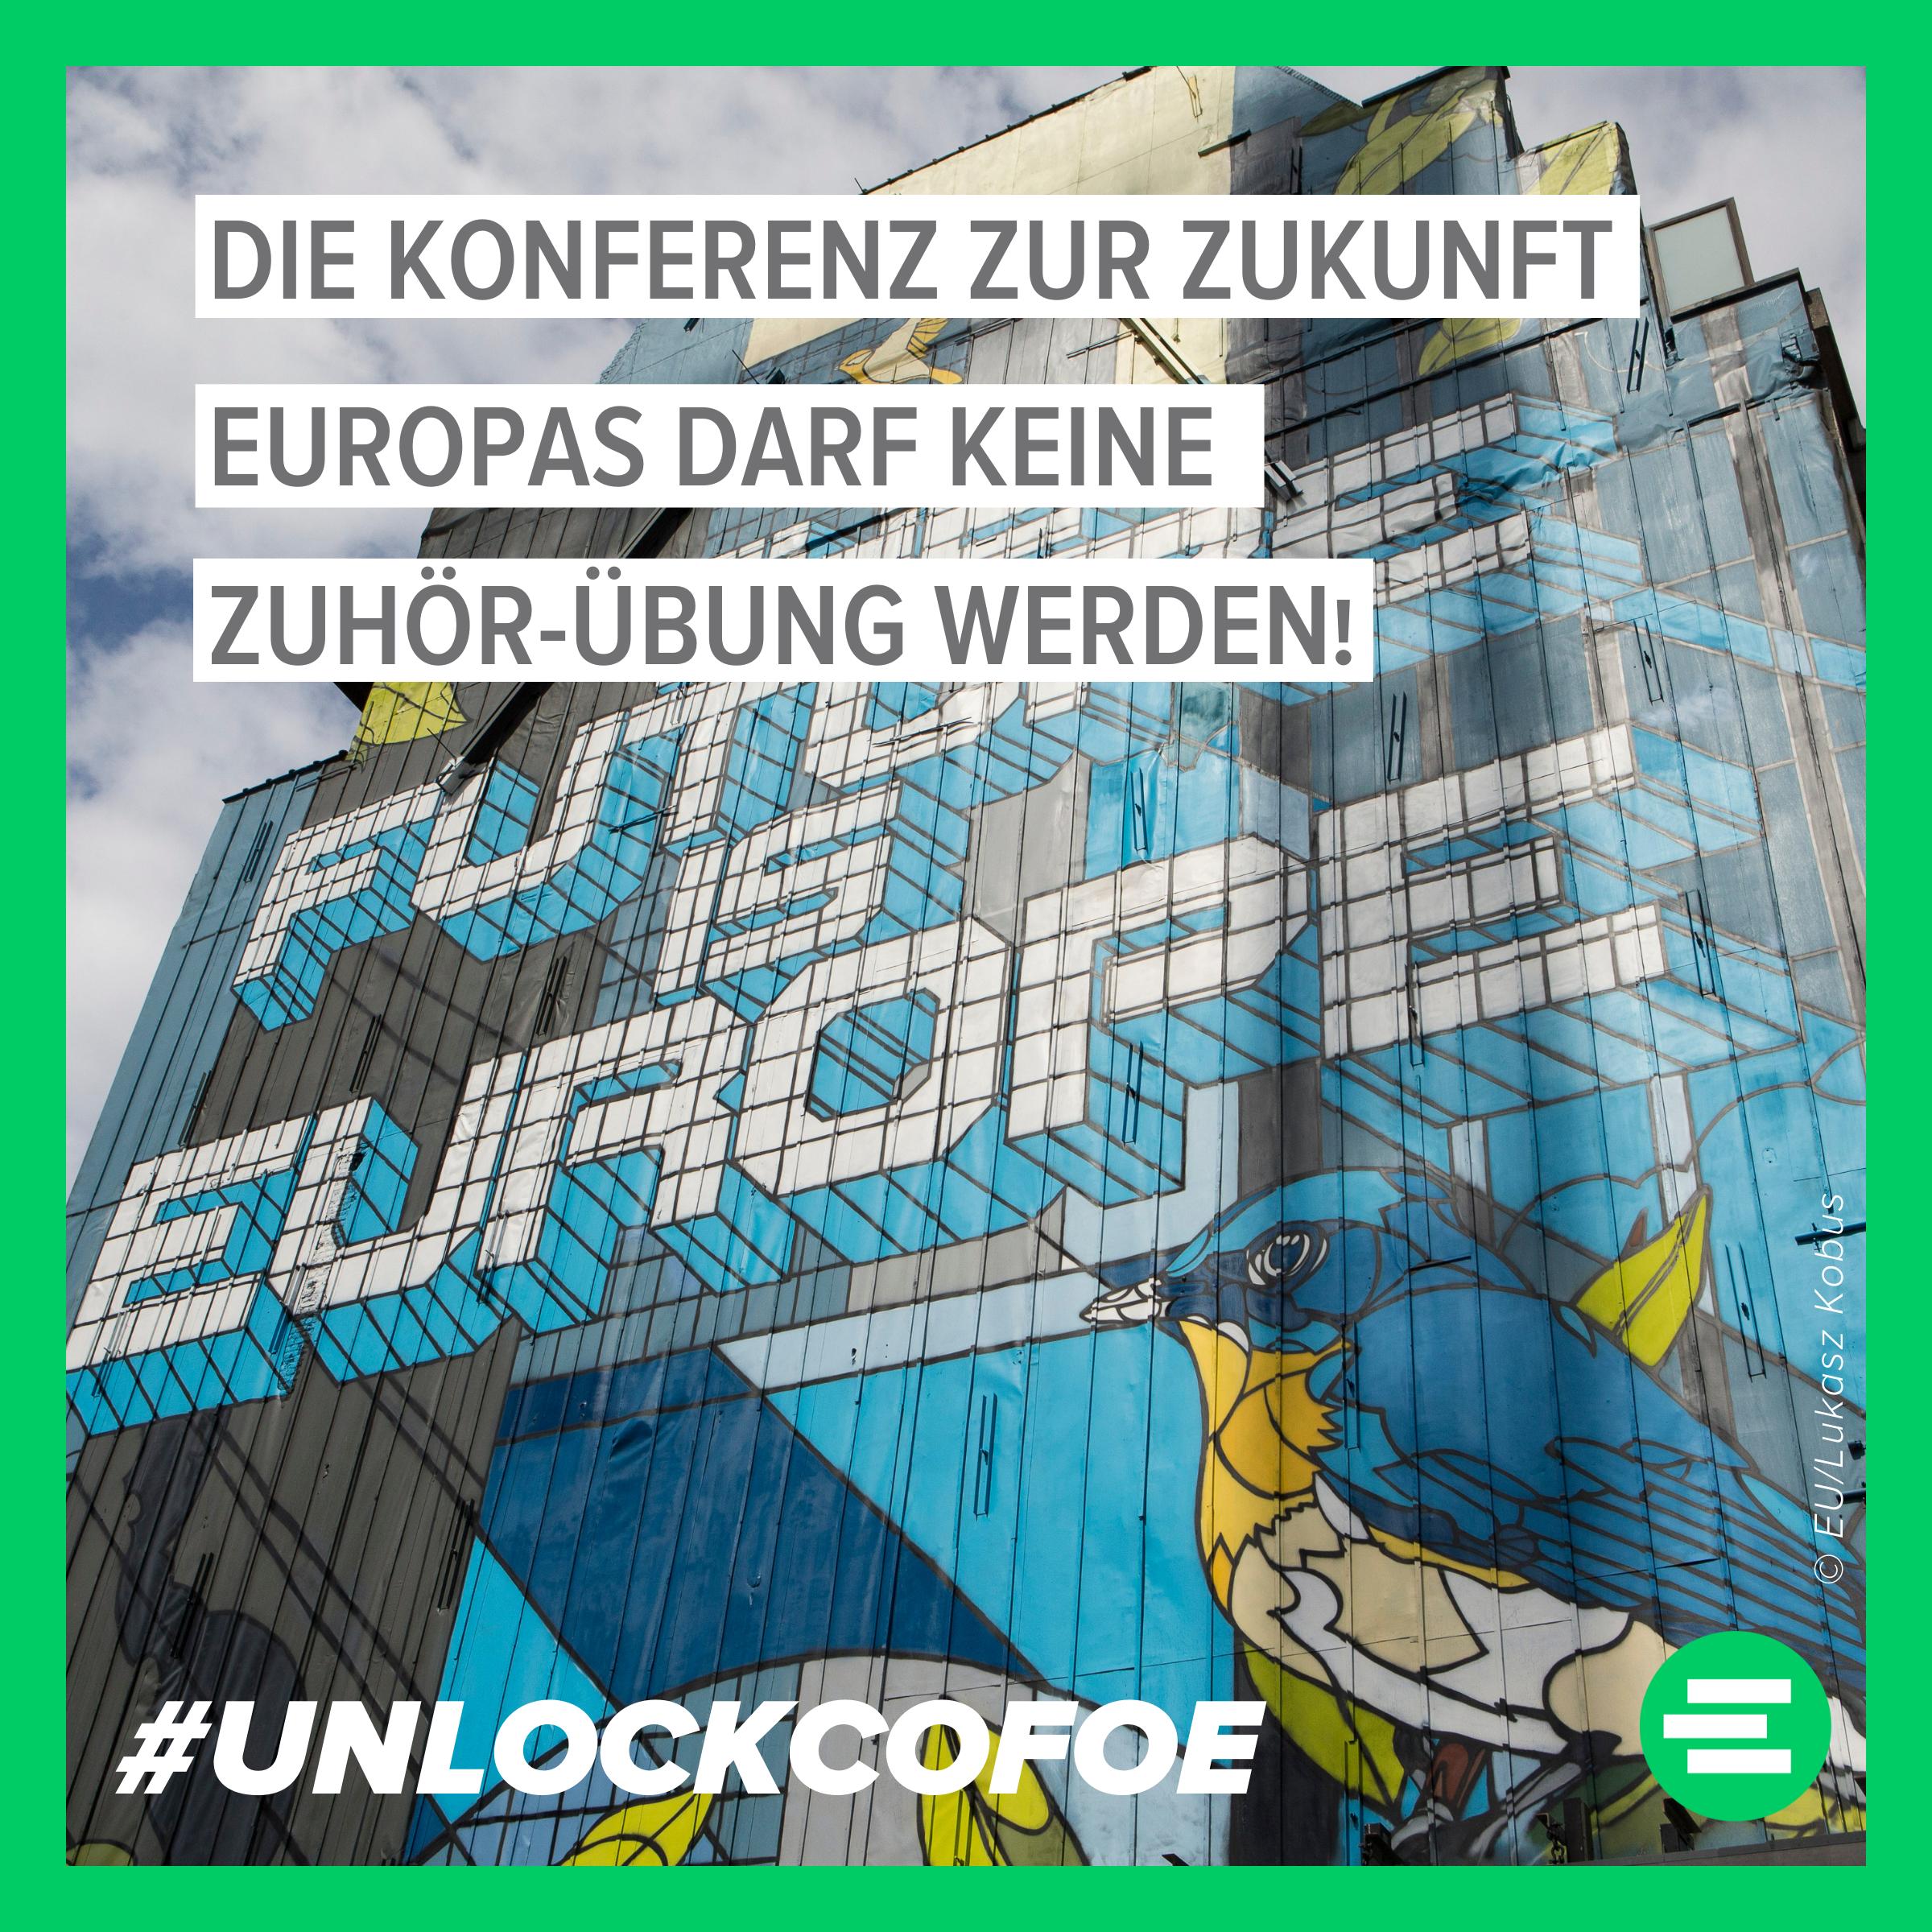 #UnlockCoFoE! – Offener Brief zum Start der Konferenz zur Zukunft Europas